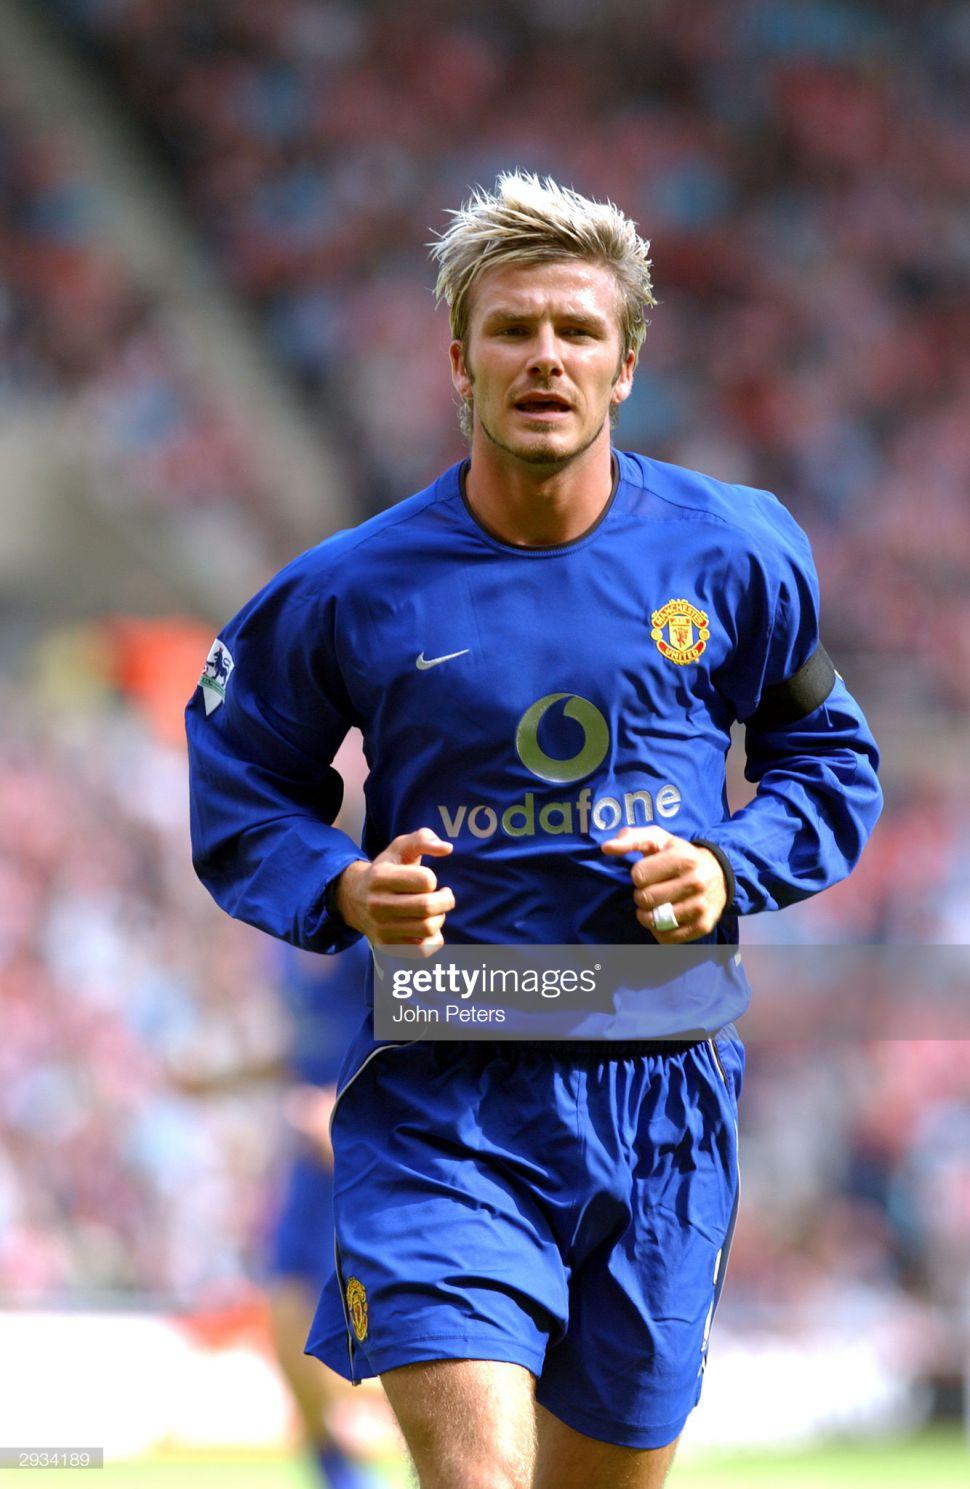 Áo đấu Beckham #7 Manchester United 2002-2003 third shirt jersey blue